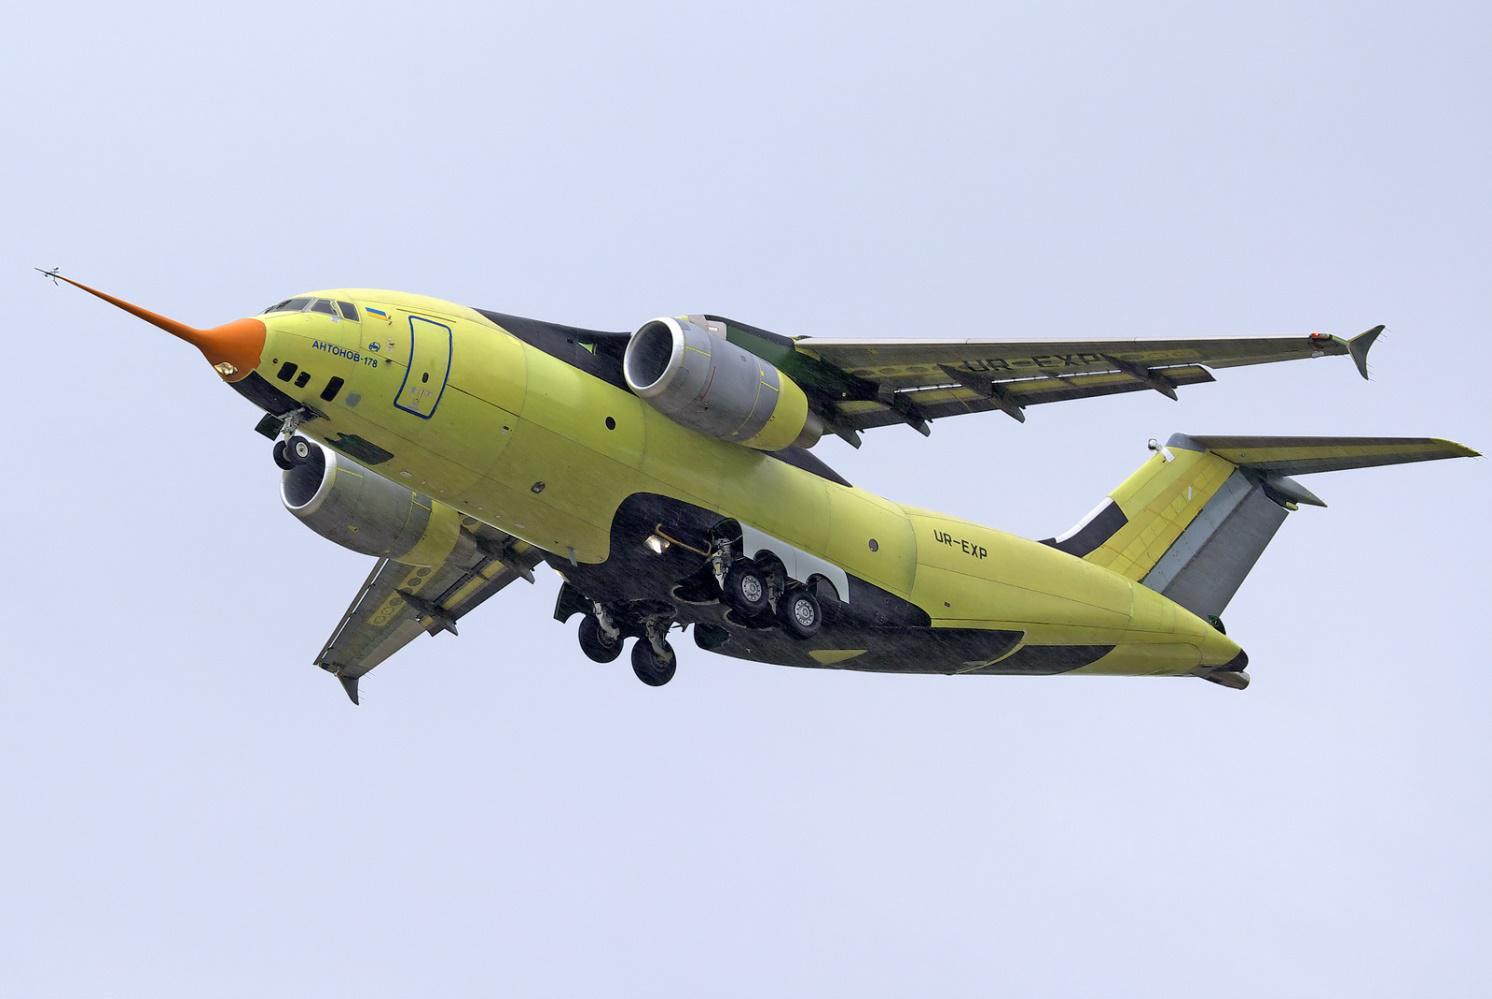 Фото: Запчасти на легендарный Ан-178 будут покупать в Китае, Канаде и США